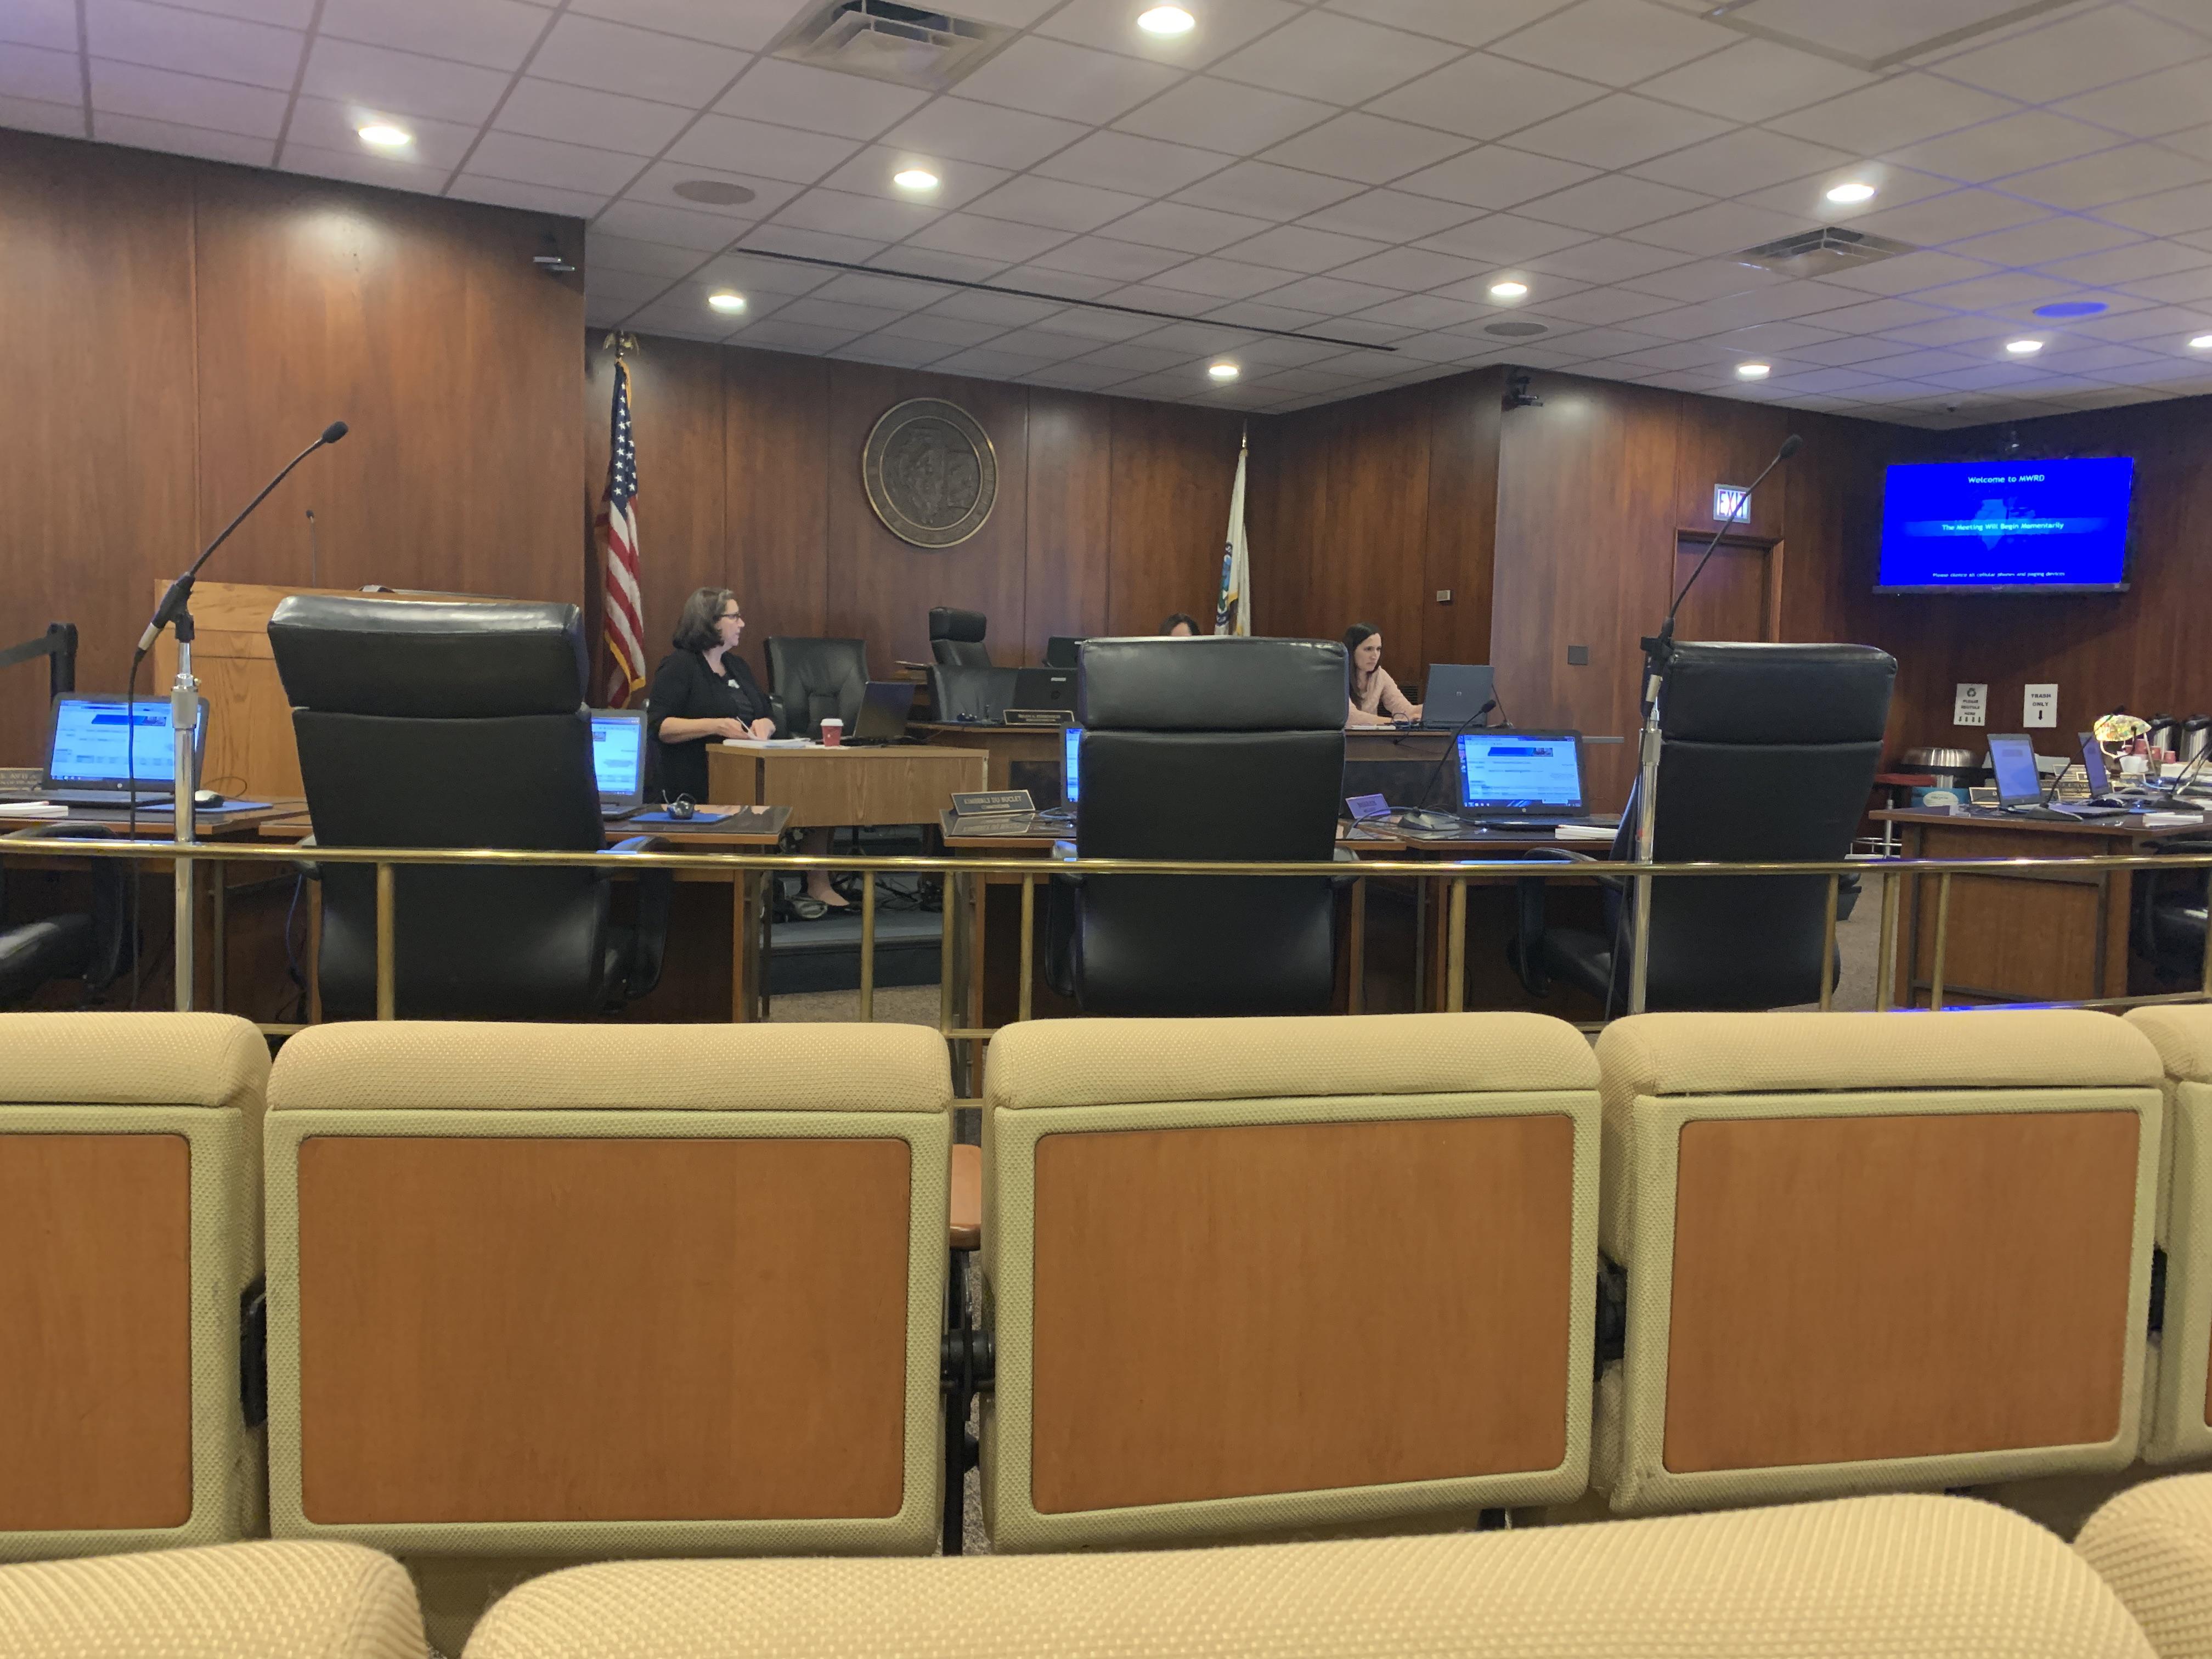 Metropolitan Water Reclamation meeting room